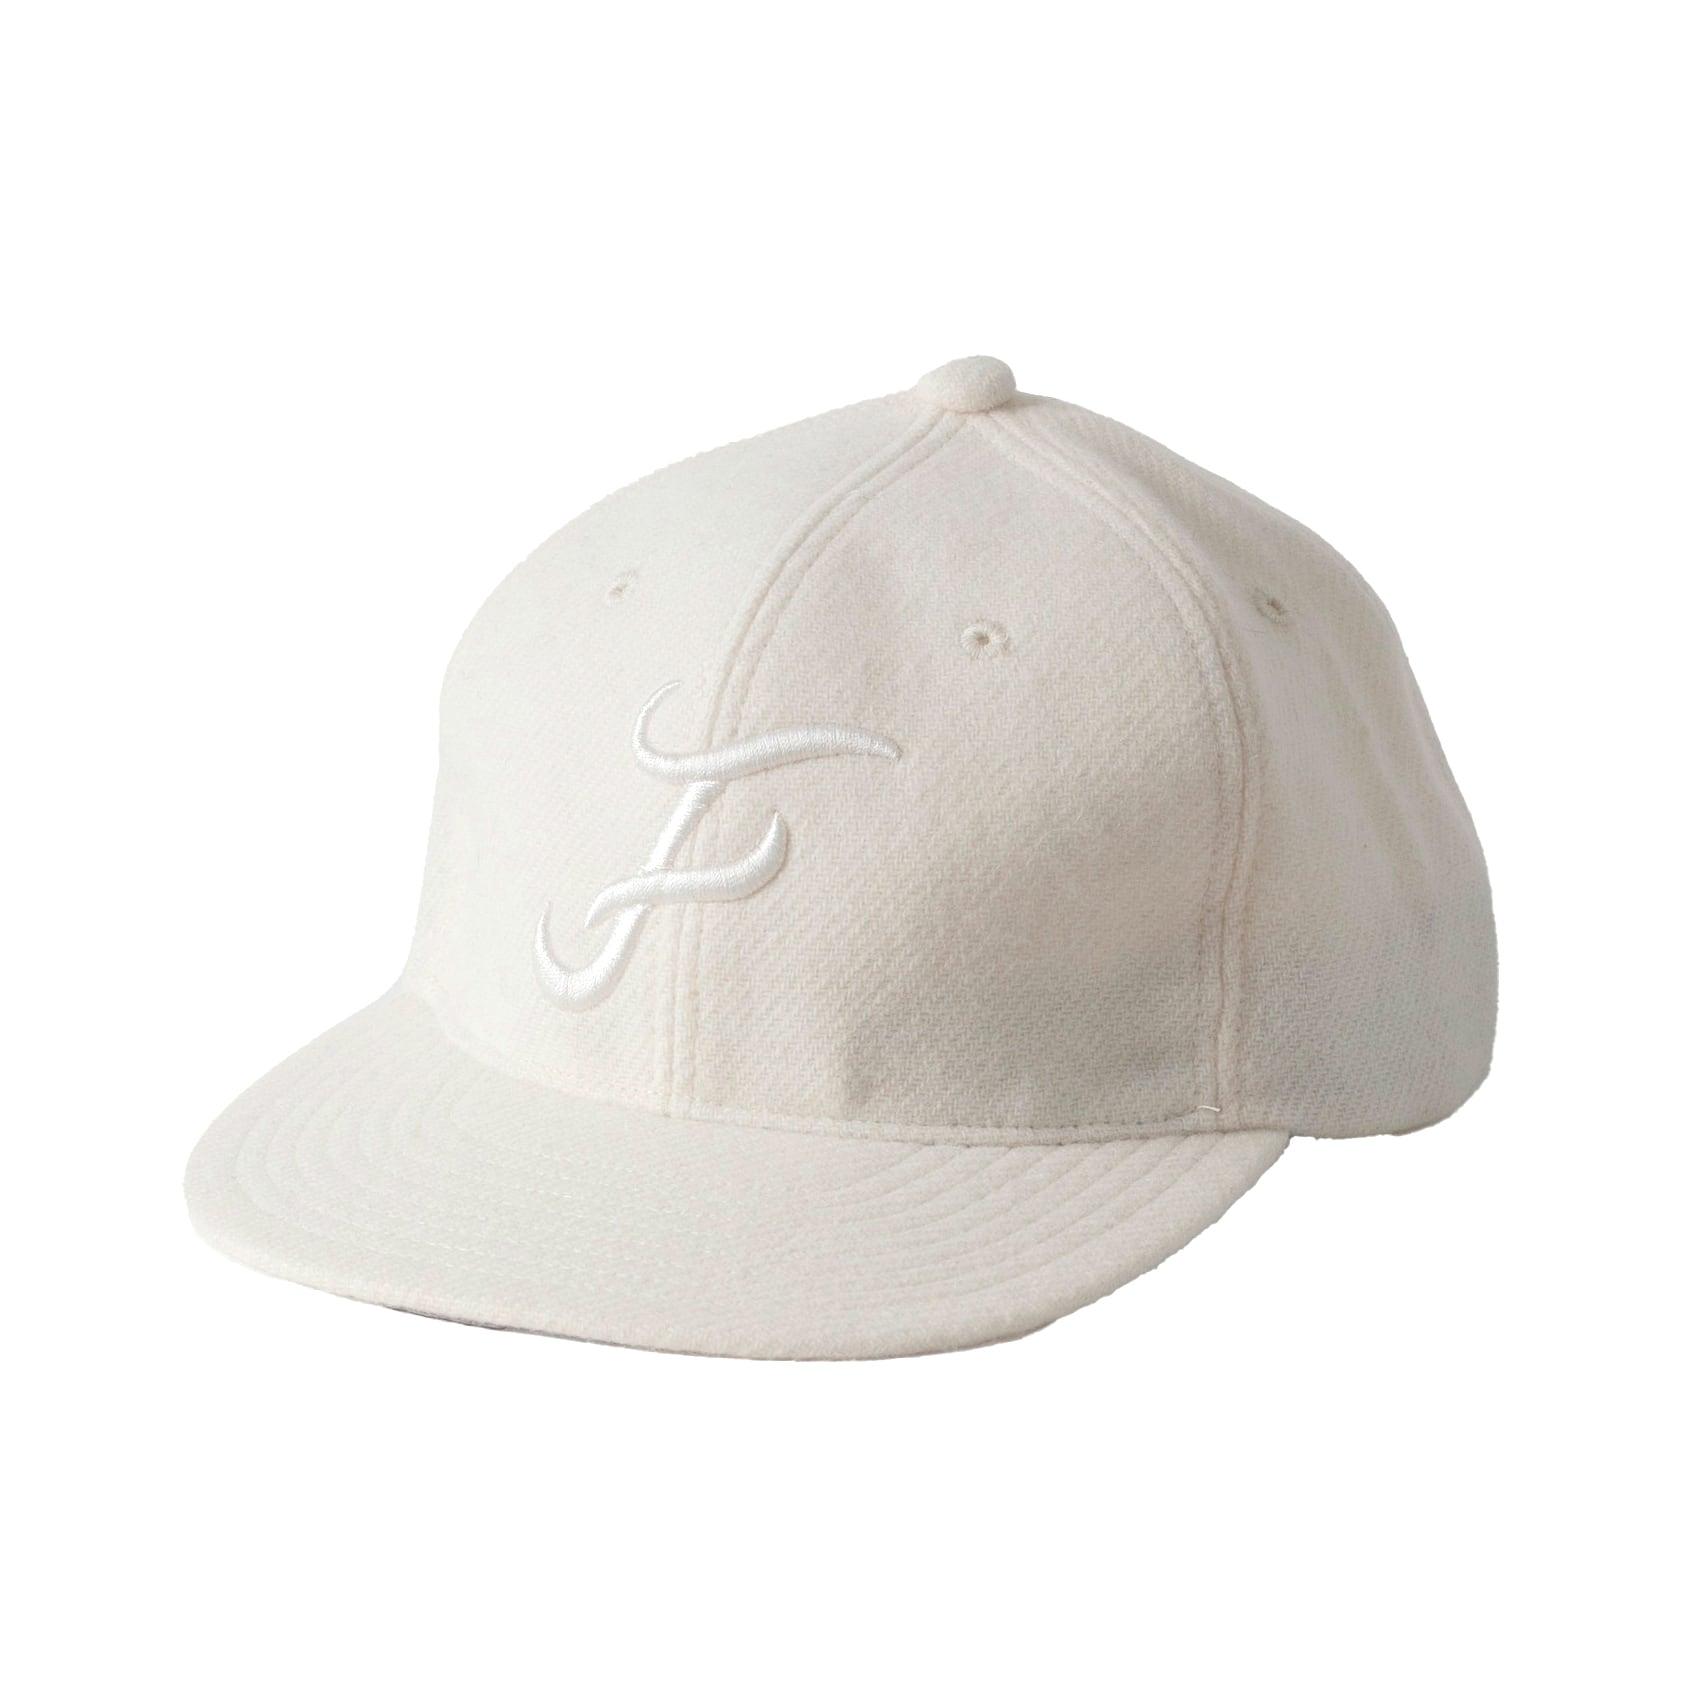 FRAVES BASEBALL CAP / WHITE - 画像1